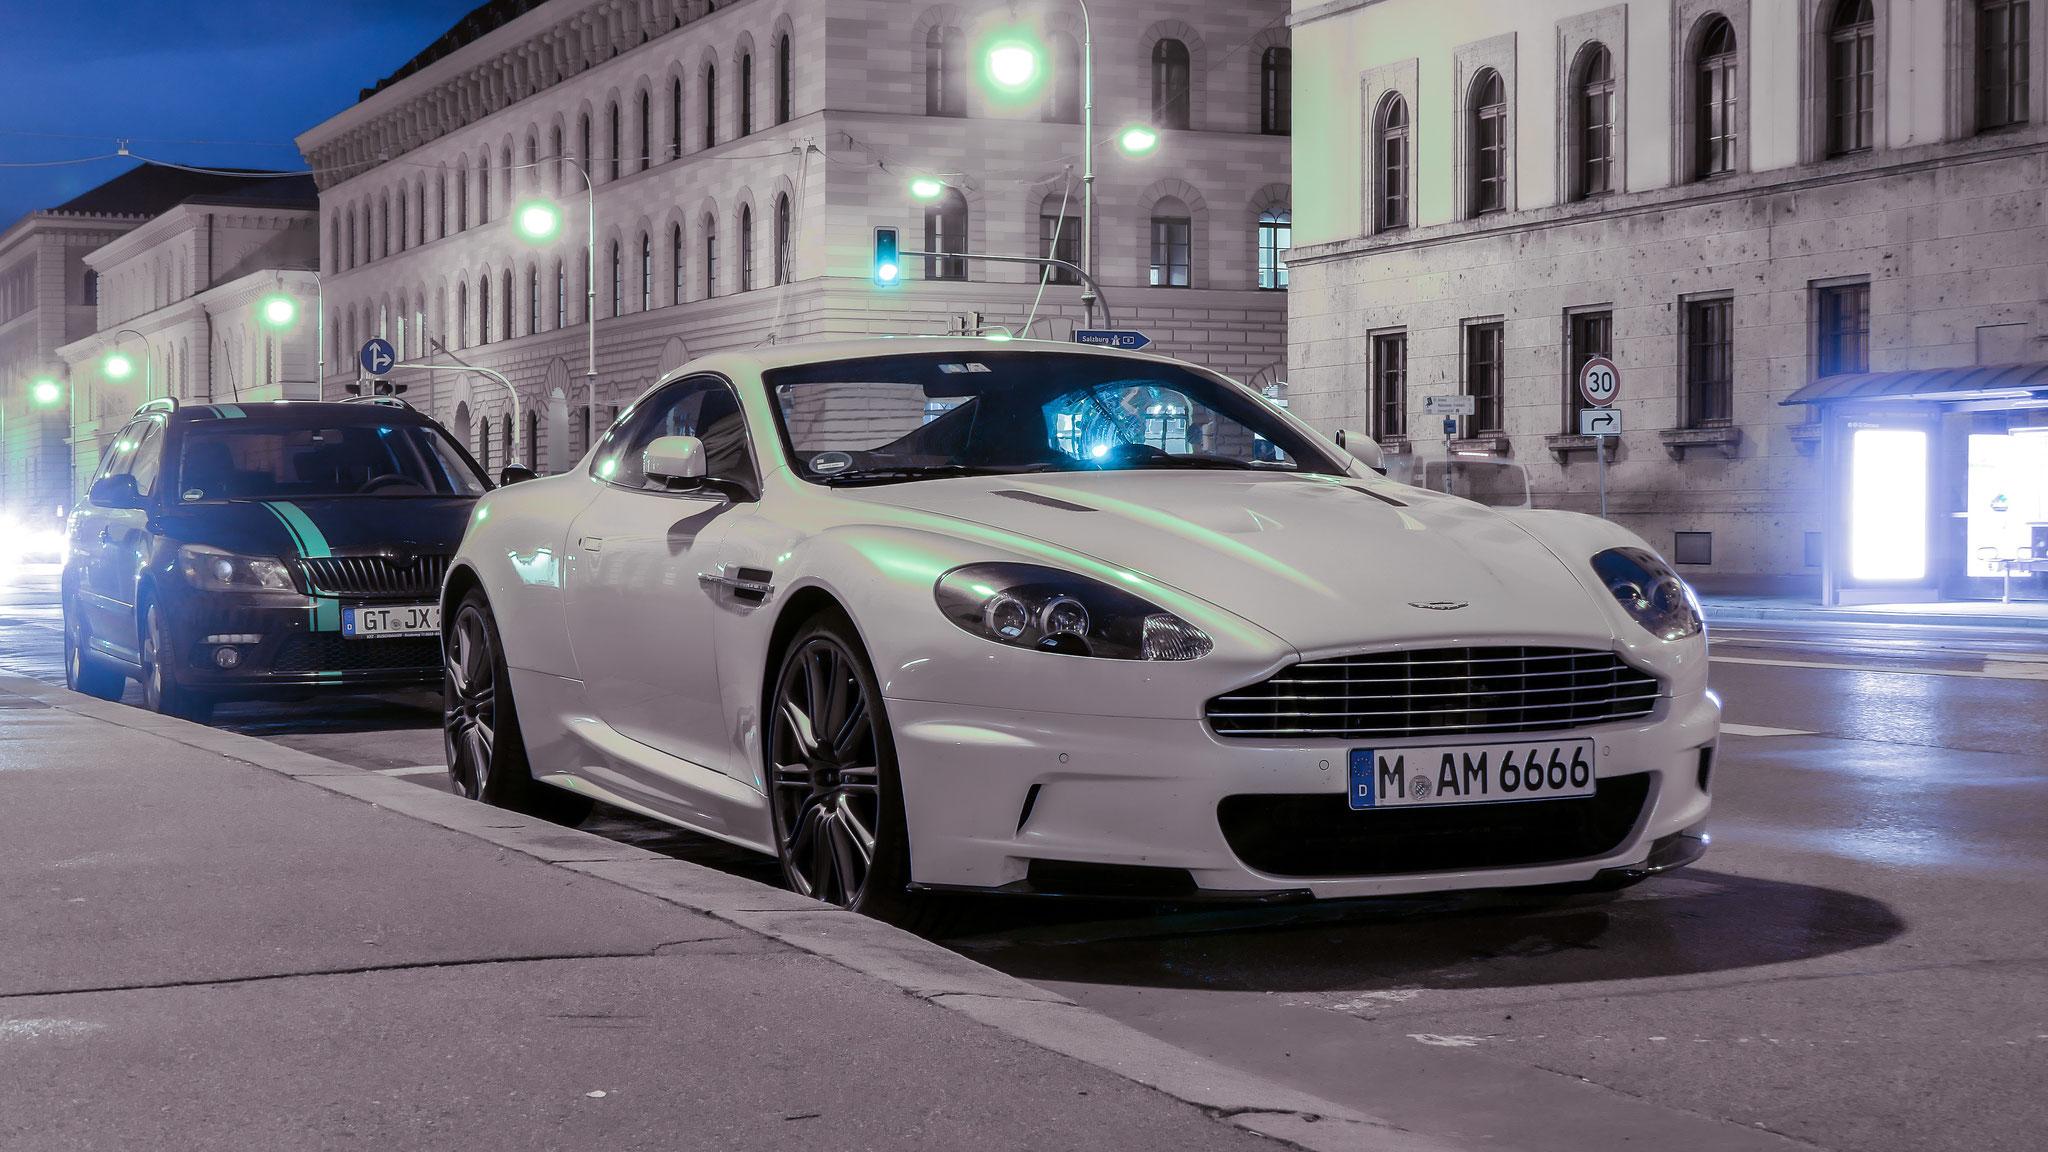 Aston Martin DBS - M-AM-6666